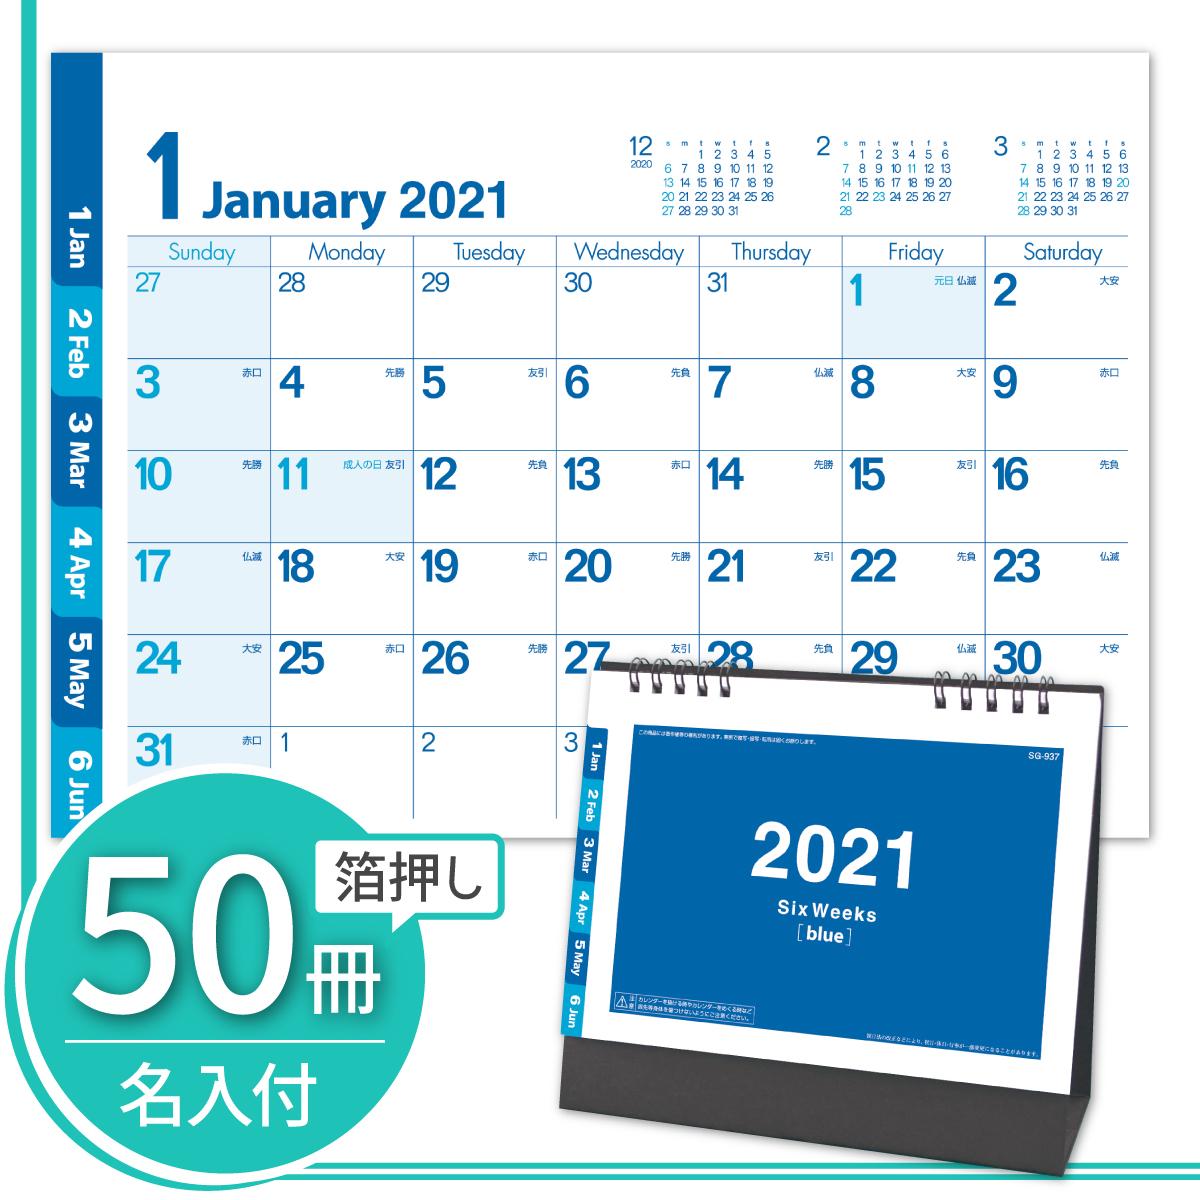 【2021年度名入カレンダー】SG937 ワントーン6ウィーク(ブルー) (50冊)名入れカレンダー